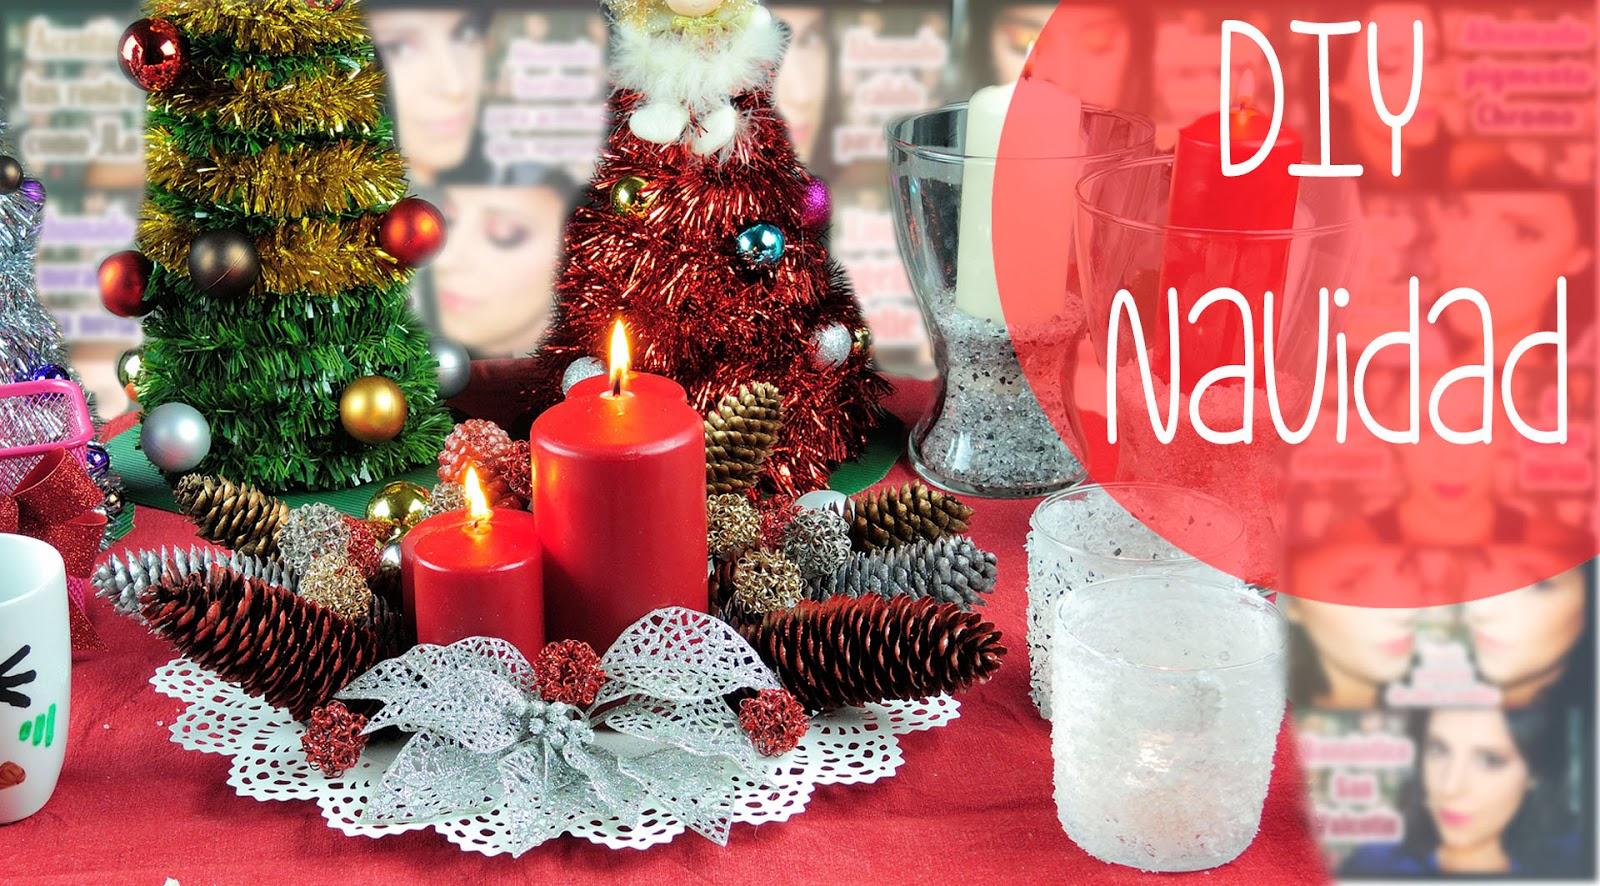 Diy Decoracion Navidad ~ DIY Decoraci?n Navidad Silvia Quiros DIY Christmas decor